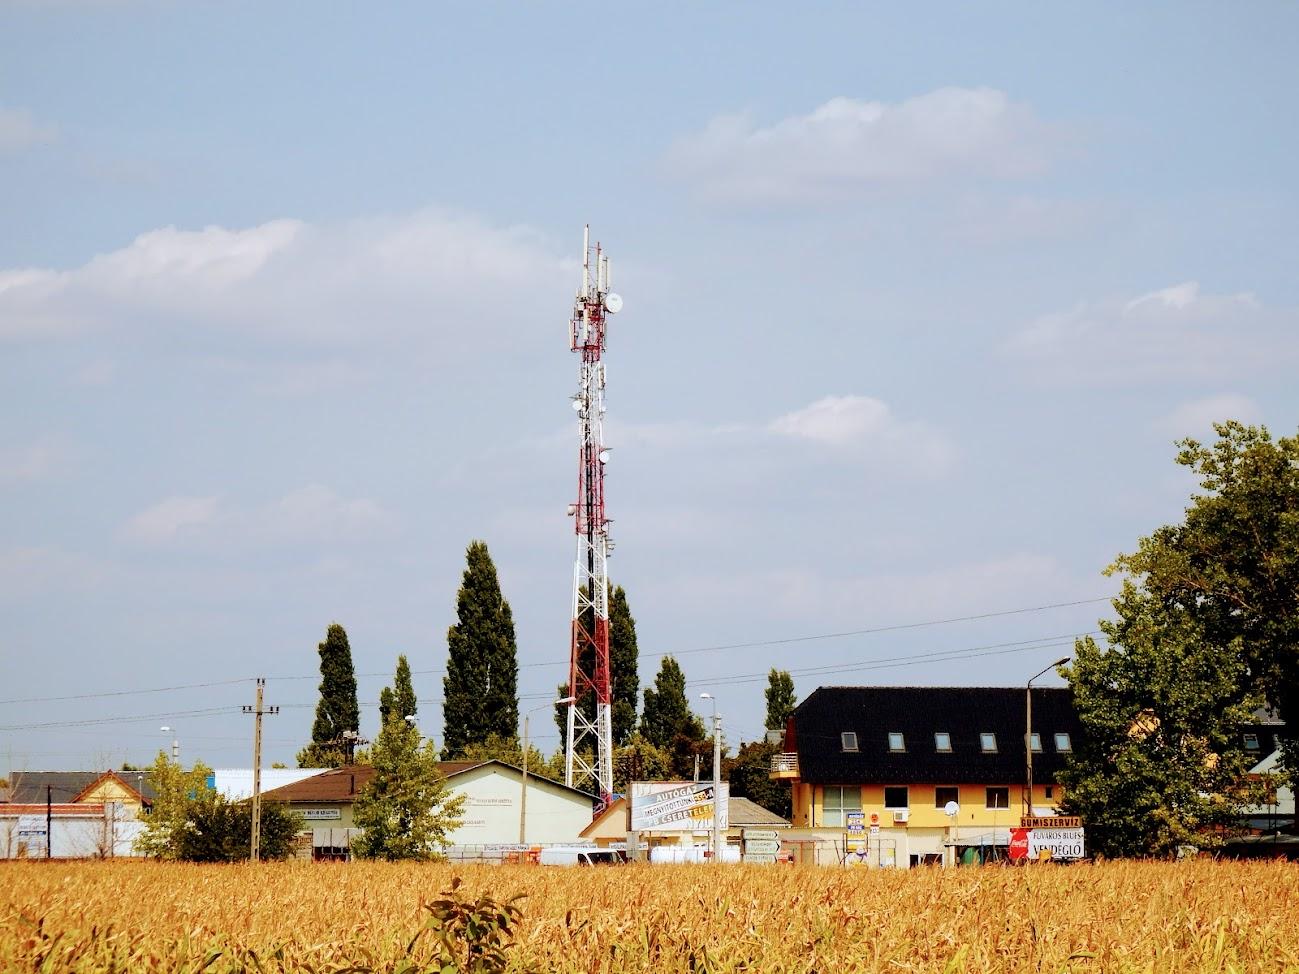 Szigetszentmiklós/Csepeli út 15. - helyi URH-FM adóállomás